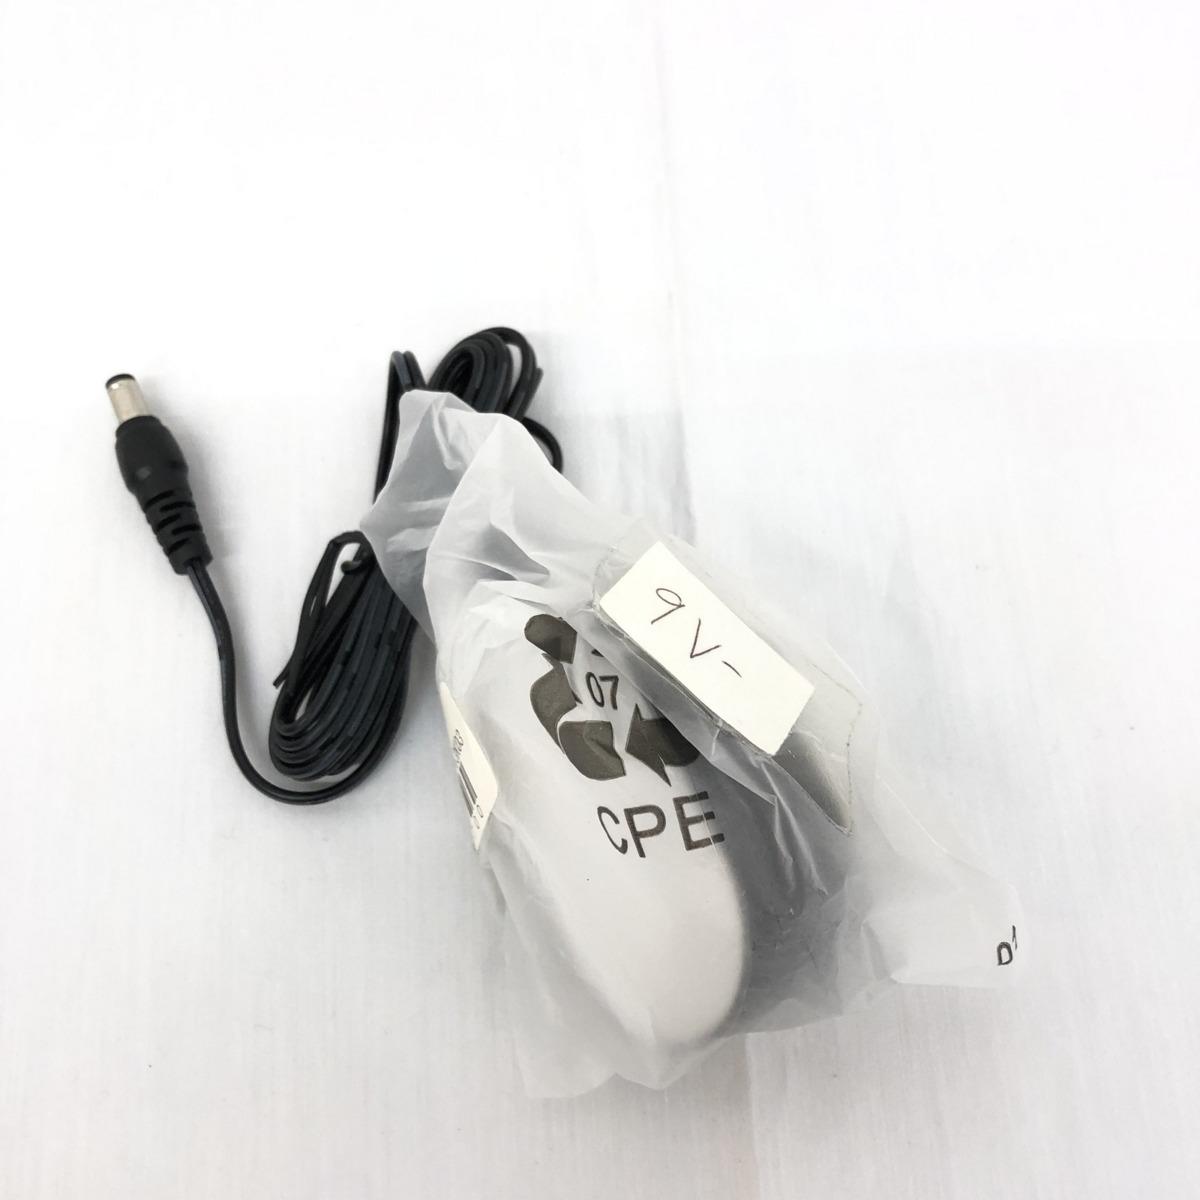 CASIO カシオ 電子キーボード LK-150 光ナビゲーション 61鍵盤 シルバー ブルー 電子ピアノ 鍵盤楽器 アダプター付き H15211_画像10